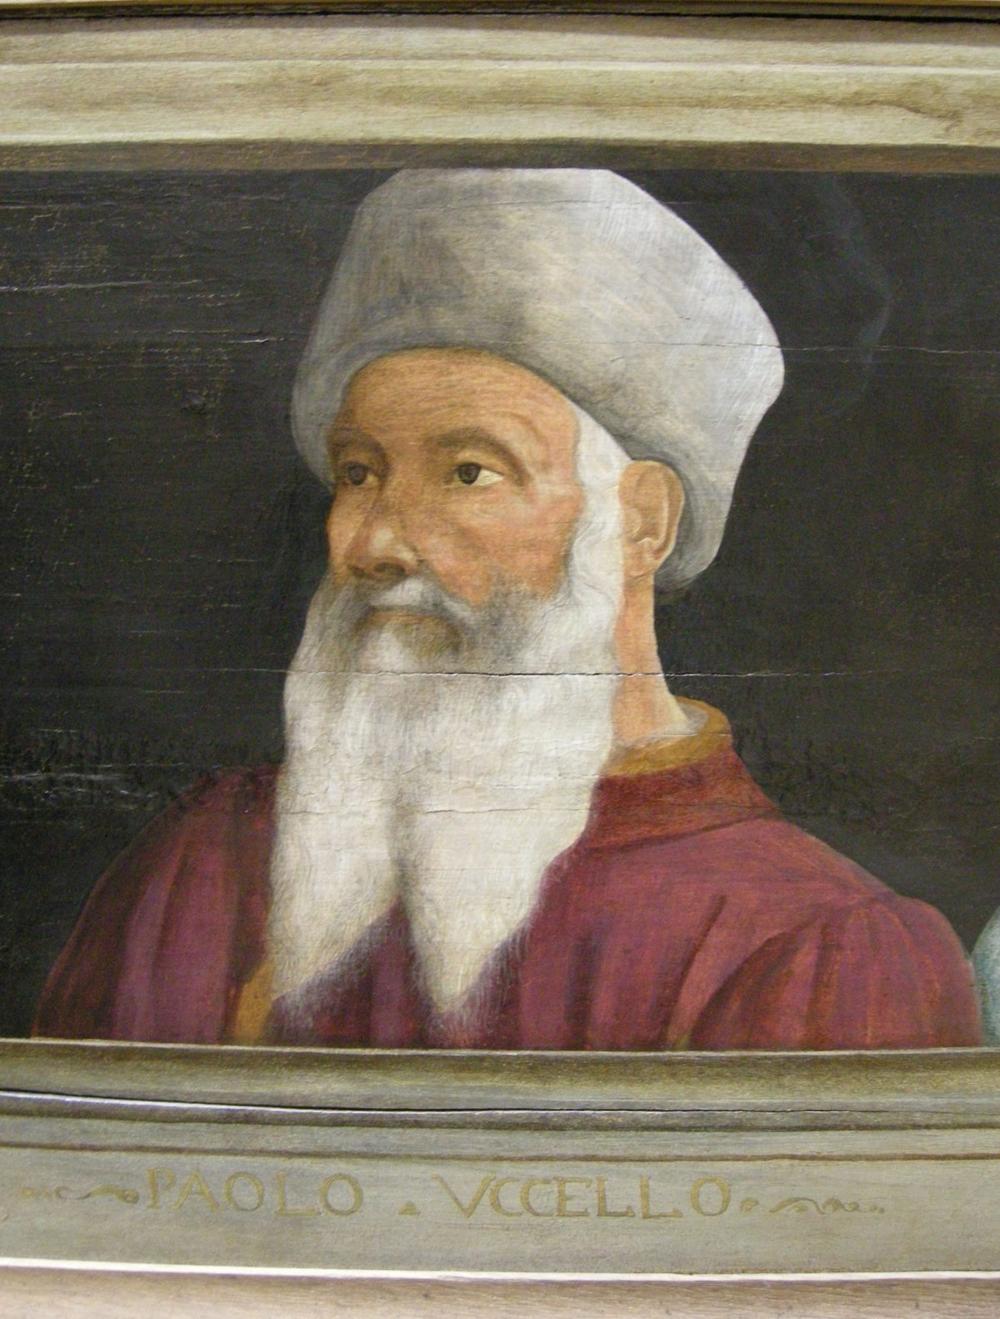 PAOLO UCCELLO PORTRAIT - POVENANCE-DEBATED